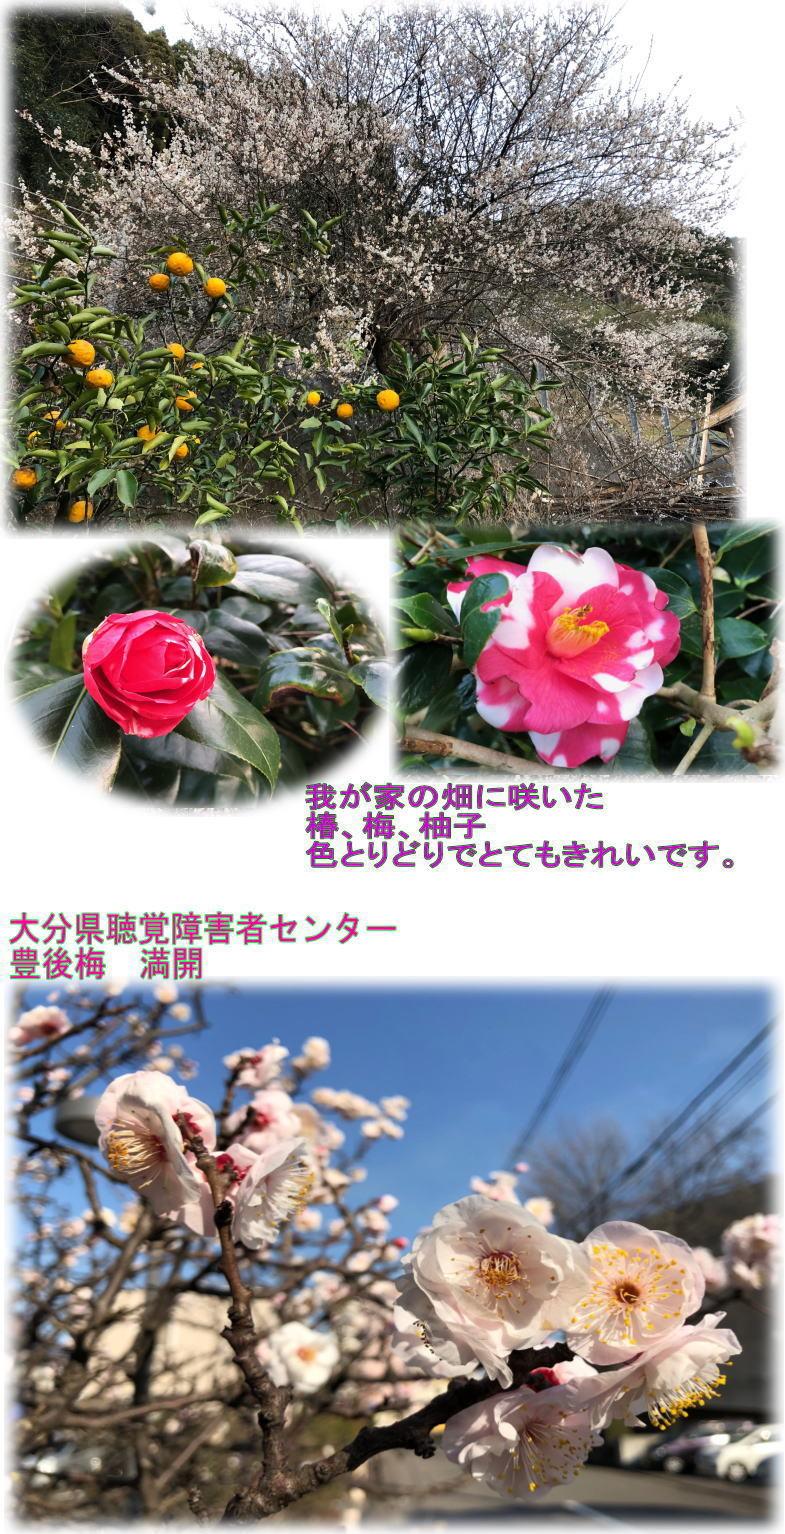 春よ!こい!_d0070316_19553288.jpg